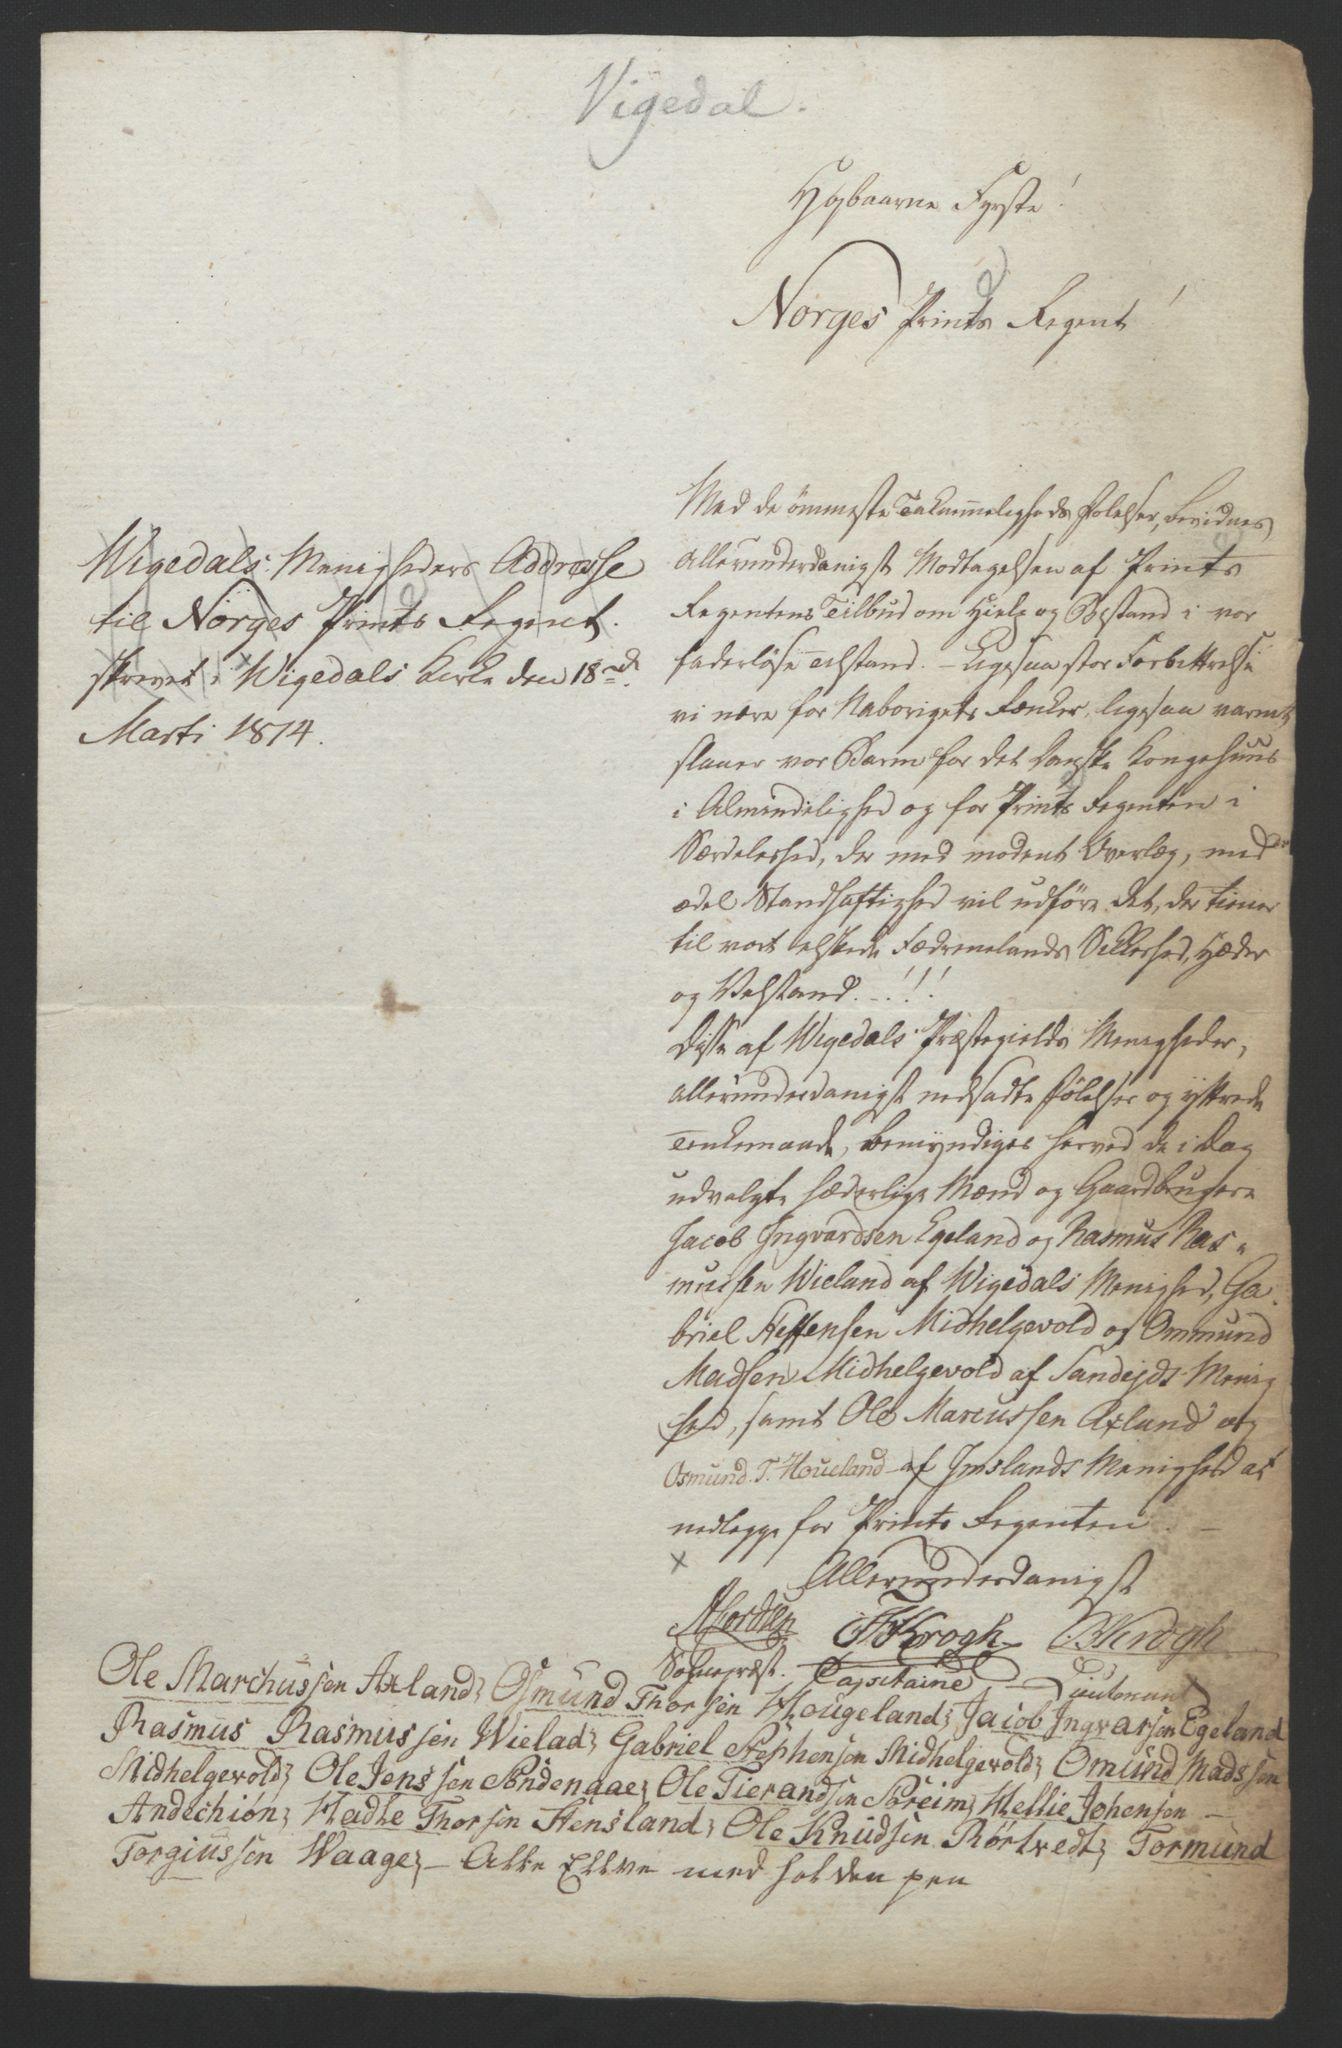 RA, Statsrådssekretariatet, D/Db/L0008: Fullmakter for Eidsvollsrepresentantene i 1814. , 1814, s. 260